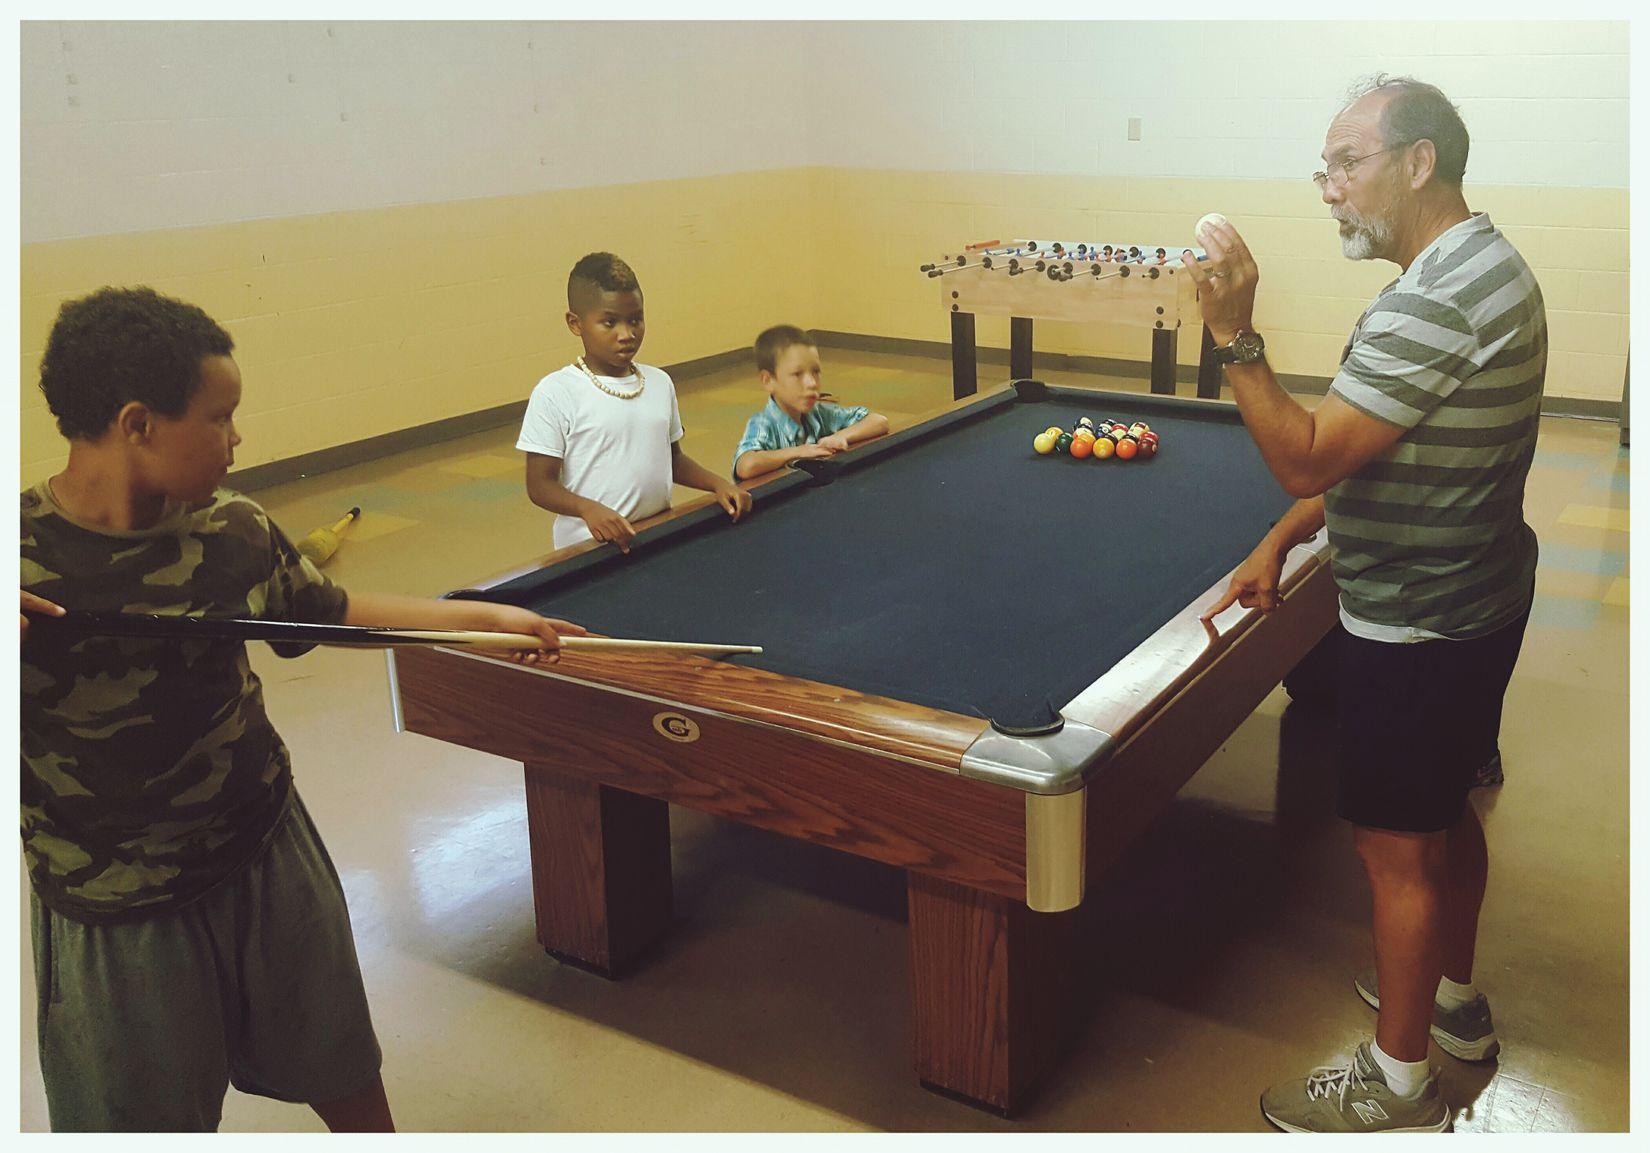 Teaching the kids how to shoot pool ... ShootingPool